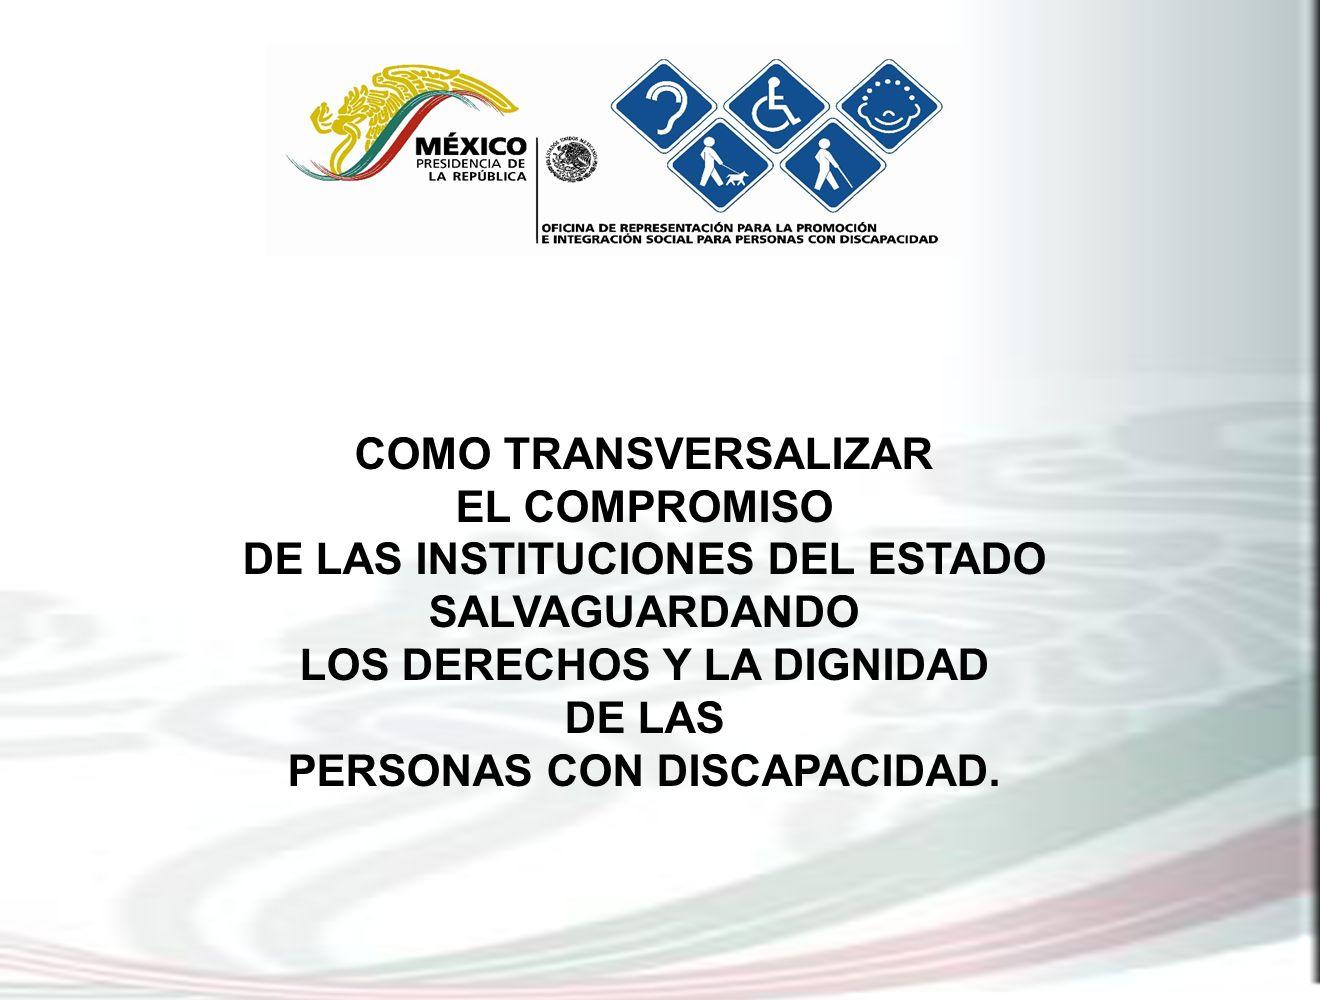 COMO TRANSVERSALIZAR EL COMPROMISO DE LAS INSTITUCIONES DEL ESTADO SALVAGUARDANDO LOS DERECHOS Y LA DIGNIDAD DE LAS PERSONAS CON DISCAPACIDAD.